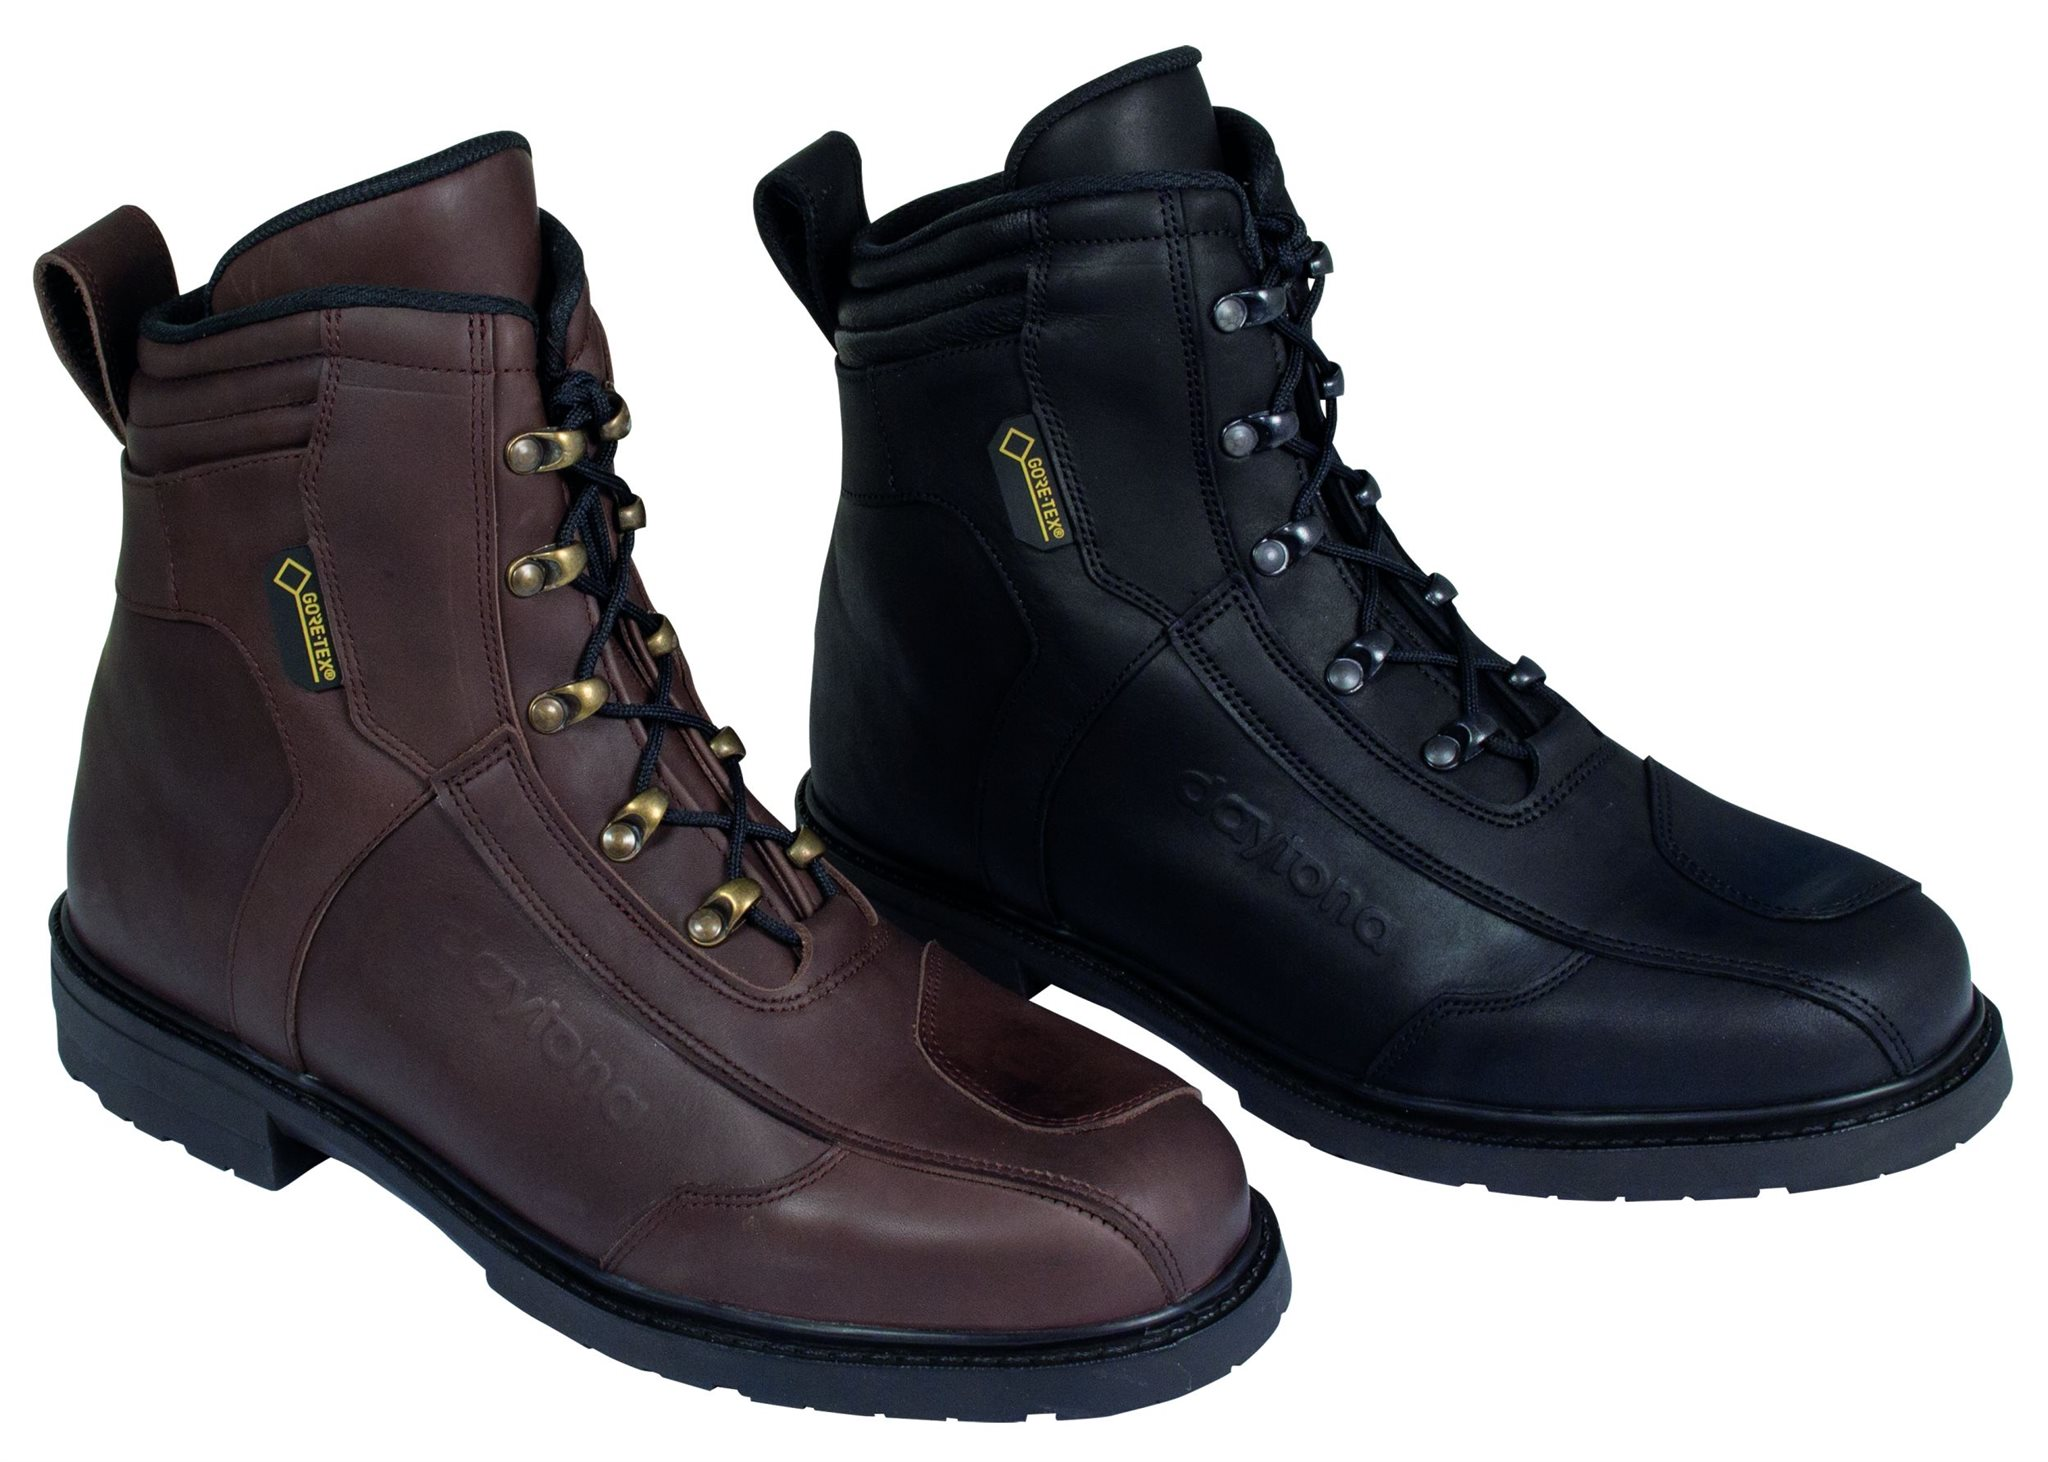 Daytona Boots Road Star GORE TEX Stiefel günstig kaufen bei